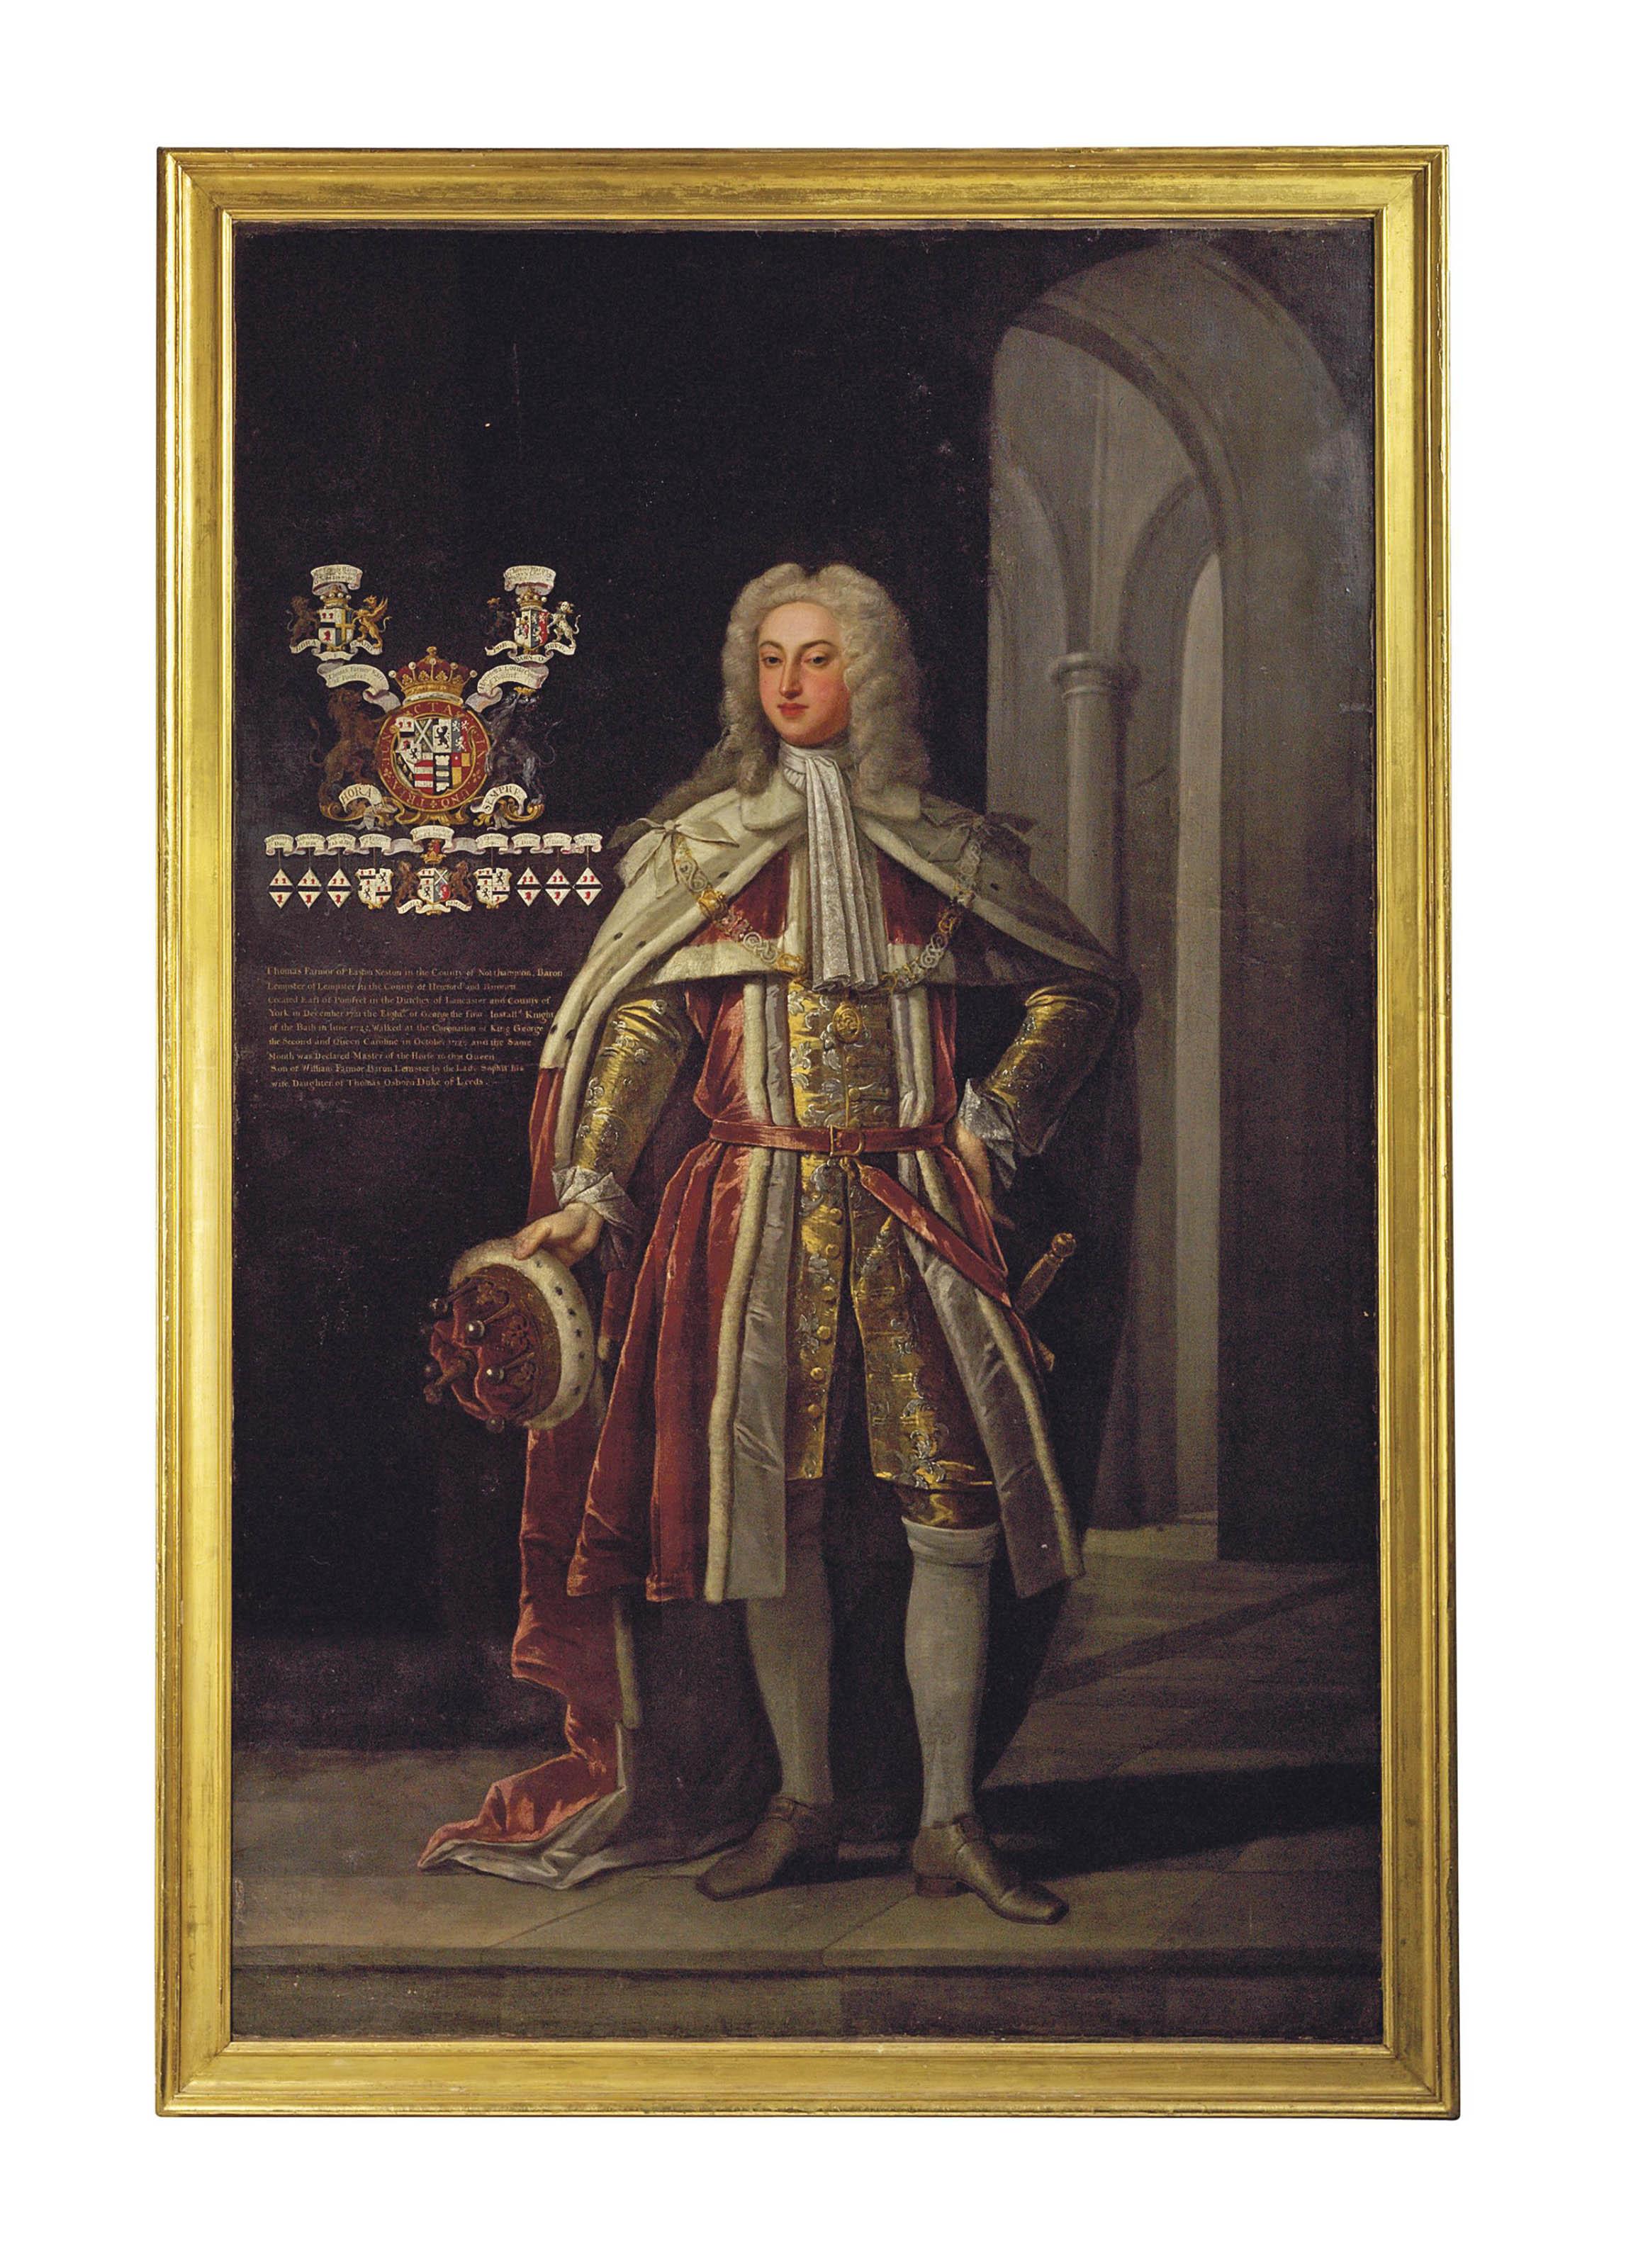 Portrait of Thomas Fermor, 1st Earl of Pomfret (1698-1753), full-length, in Peer's robes, in an interior